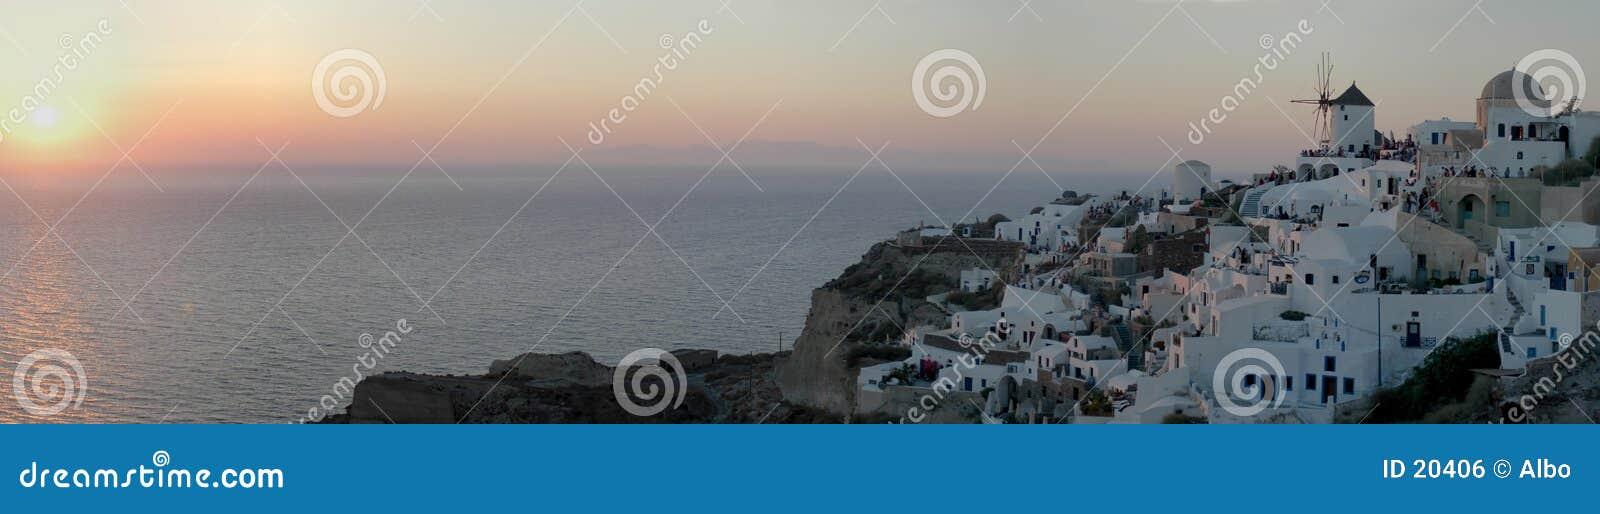 Oia sunset (30 MP image)